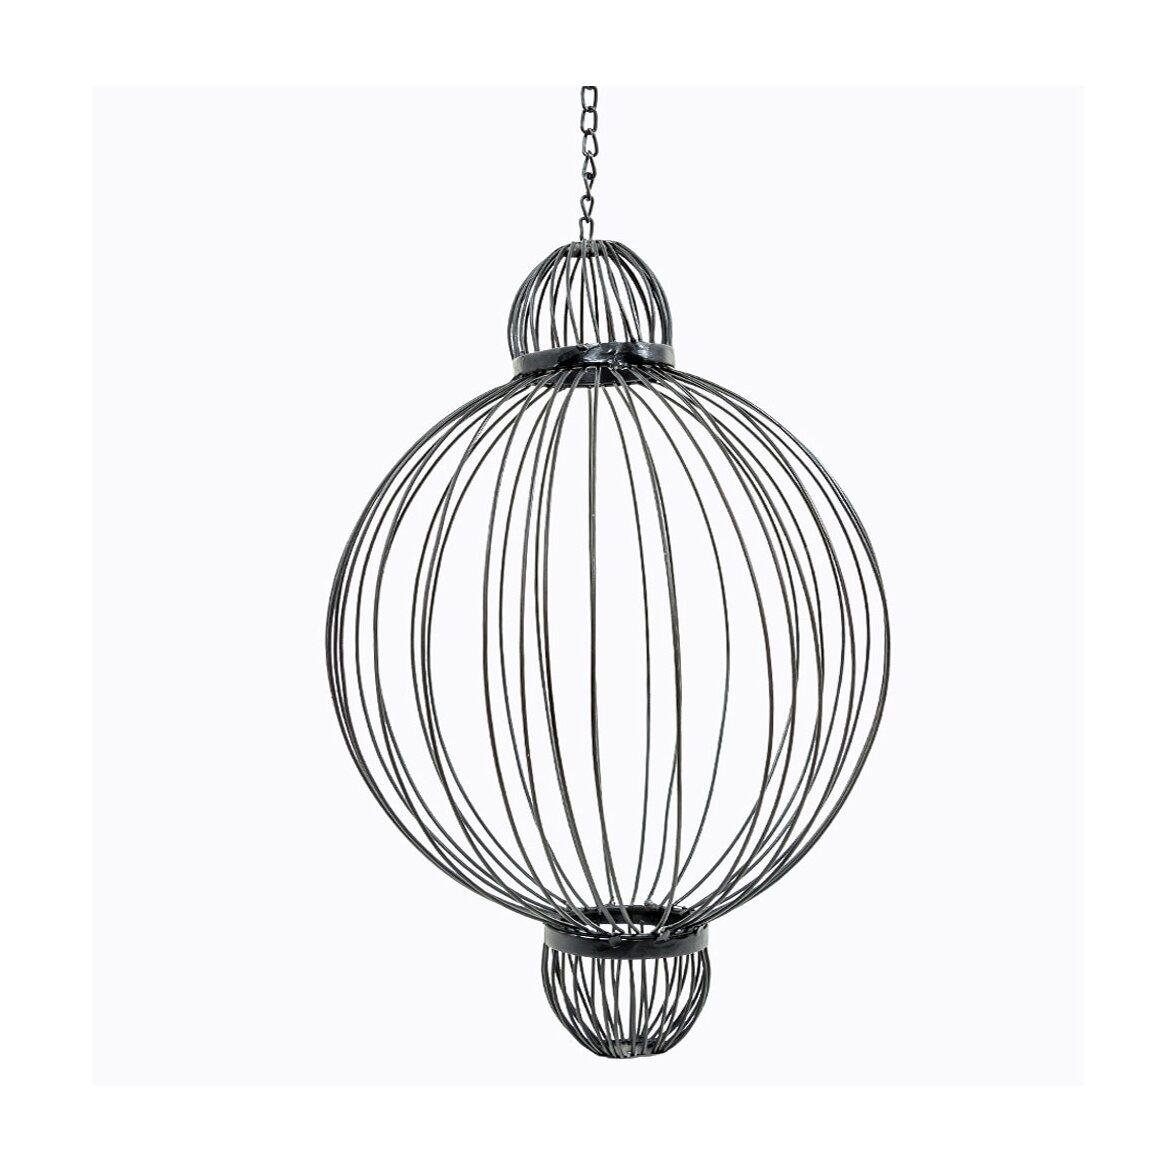 Декоративный подвесной элемент «Фонарь №4»   Декор Kingsby